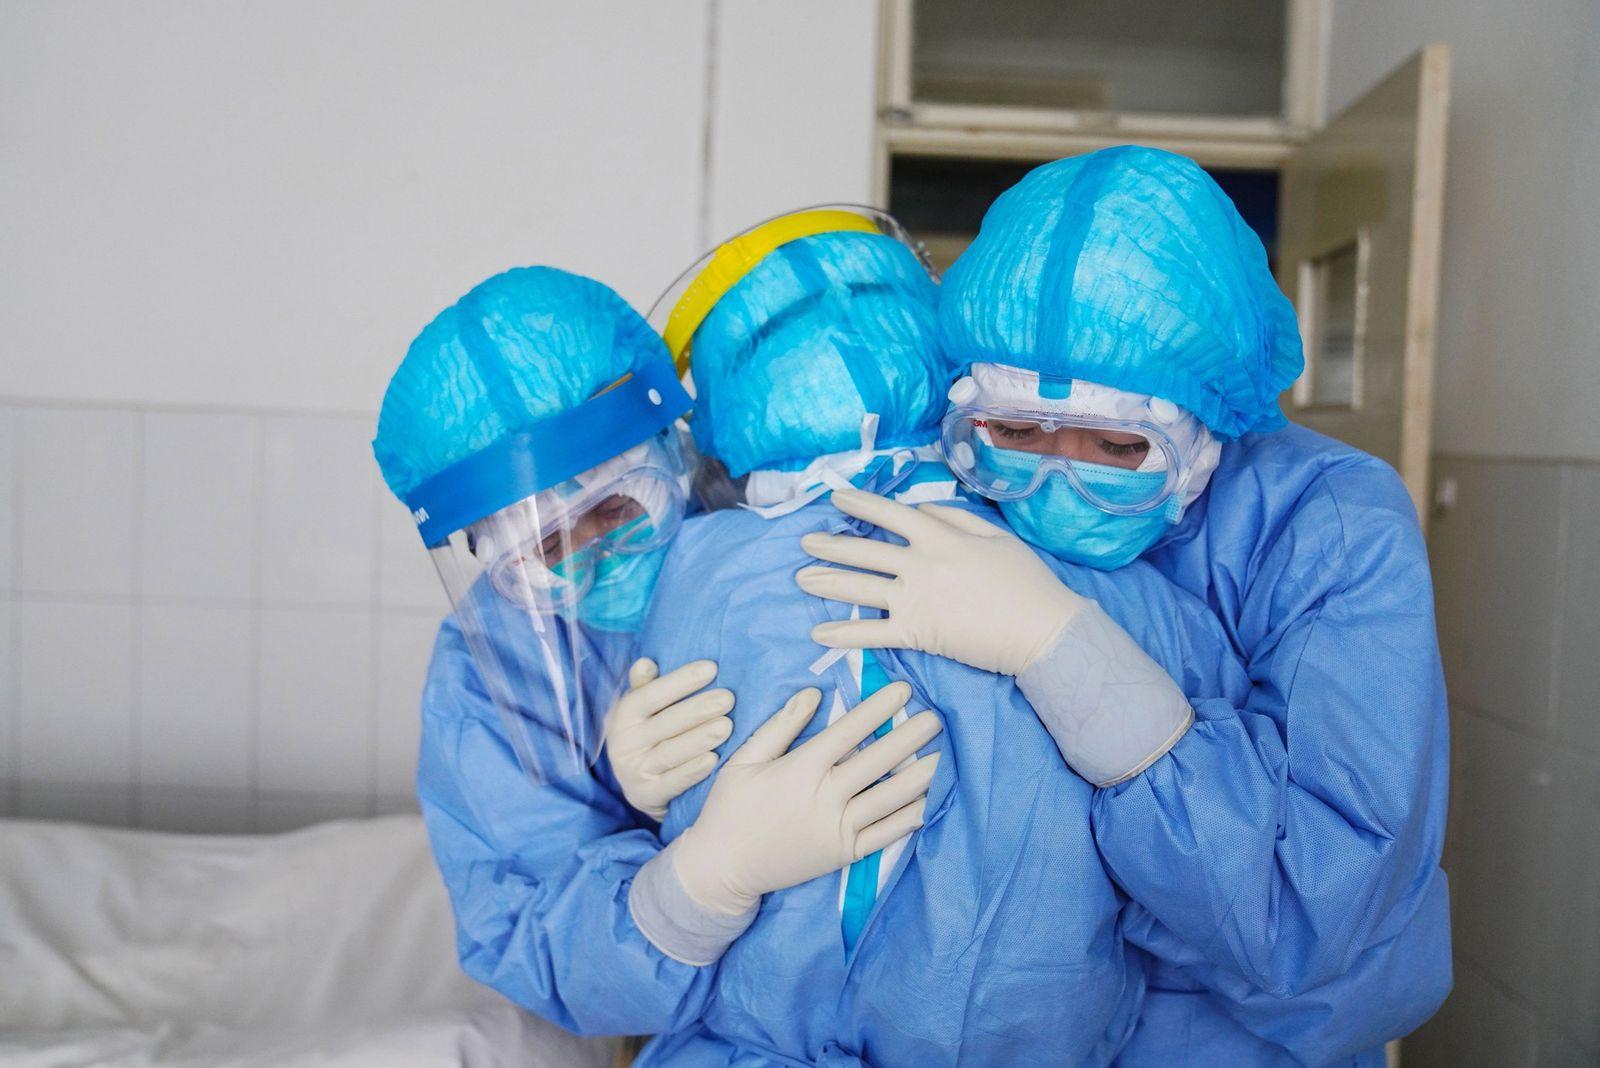 كورونا: تسجيل 48 حالة شفاء جديدة بالمغرب